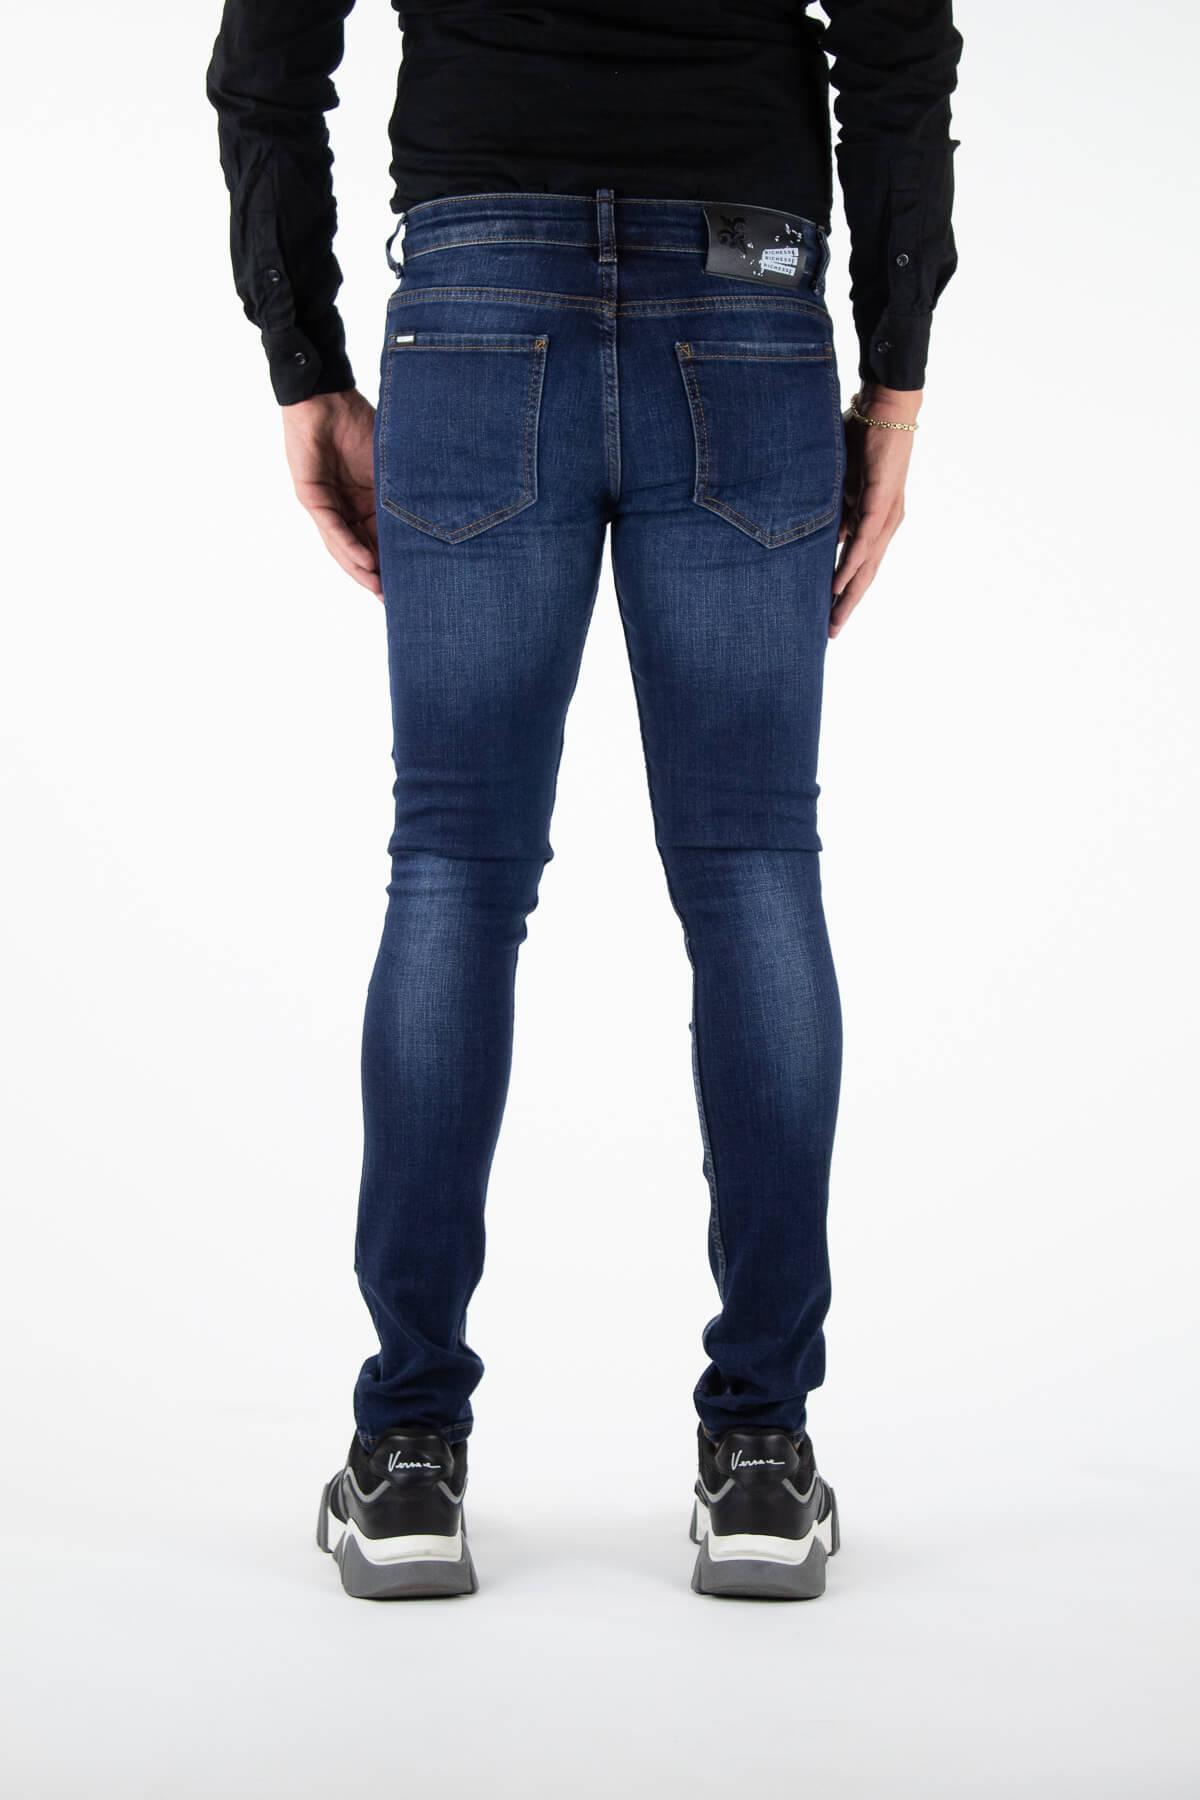 Siena Blue Jeans-4